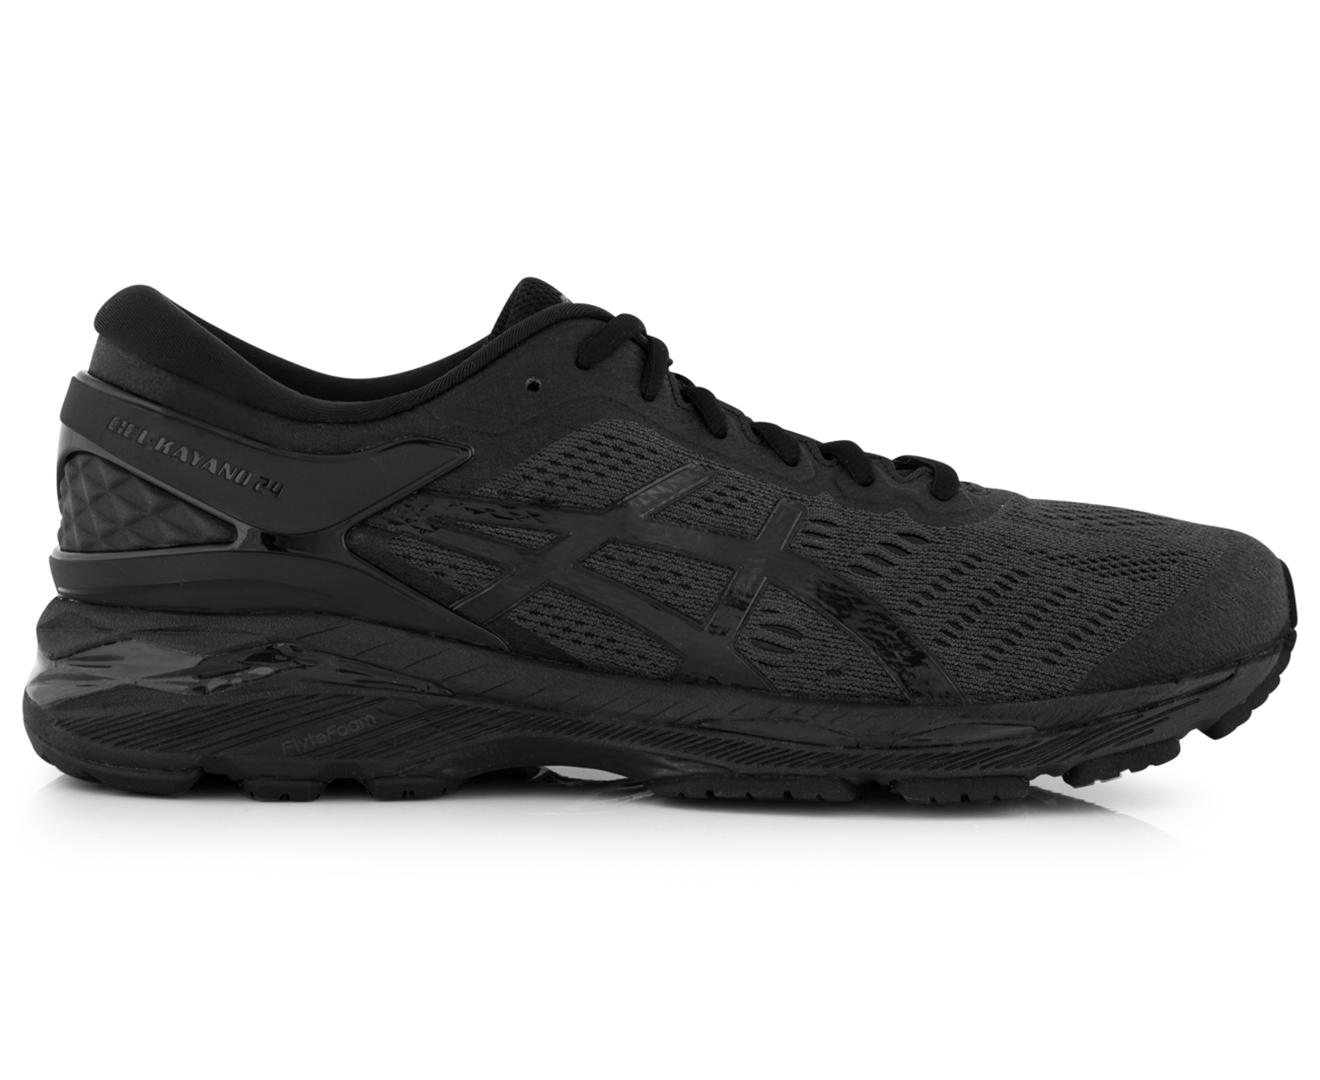 Asics Carbon Black Textile Shoe